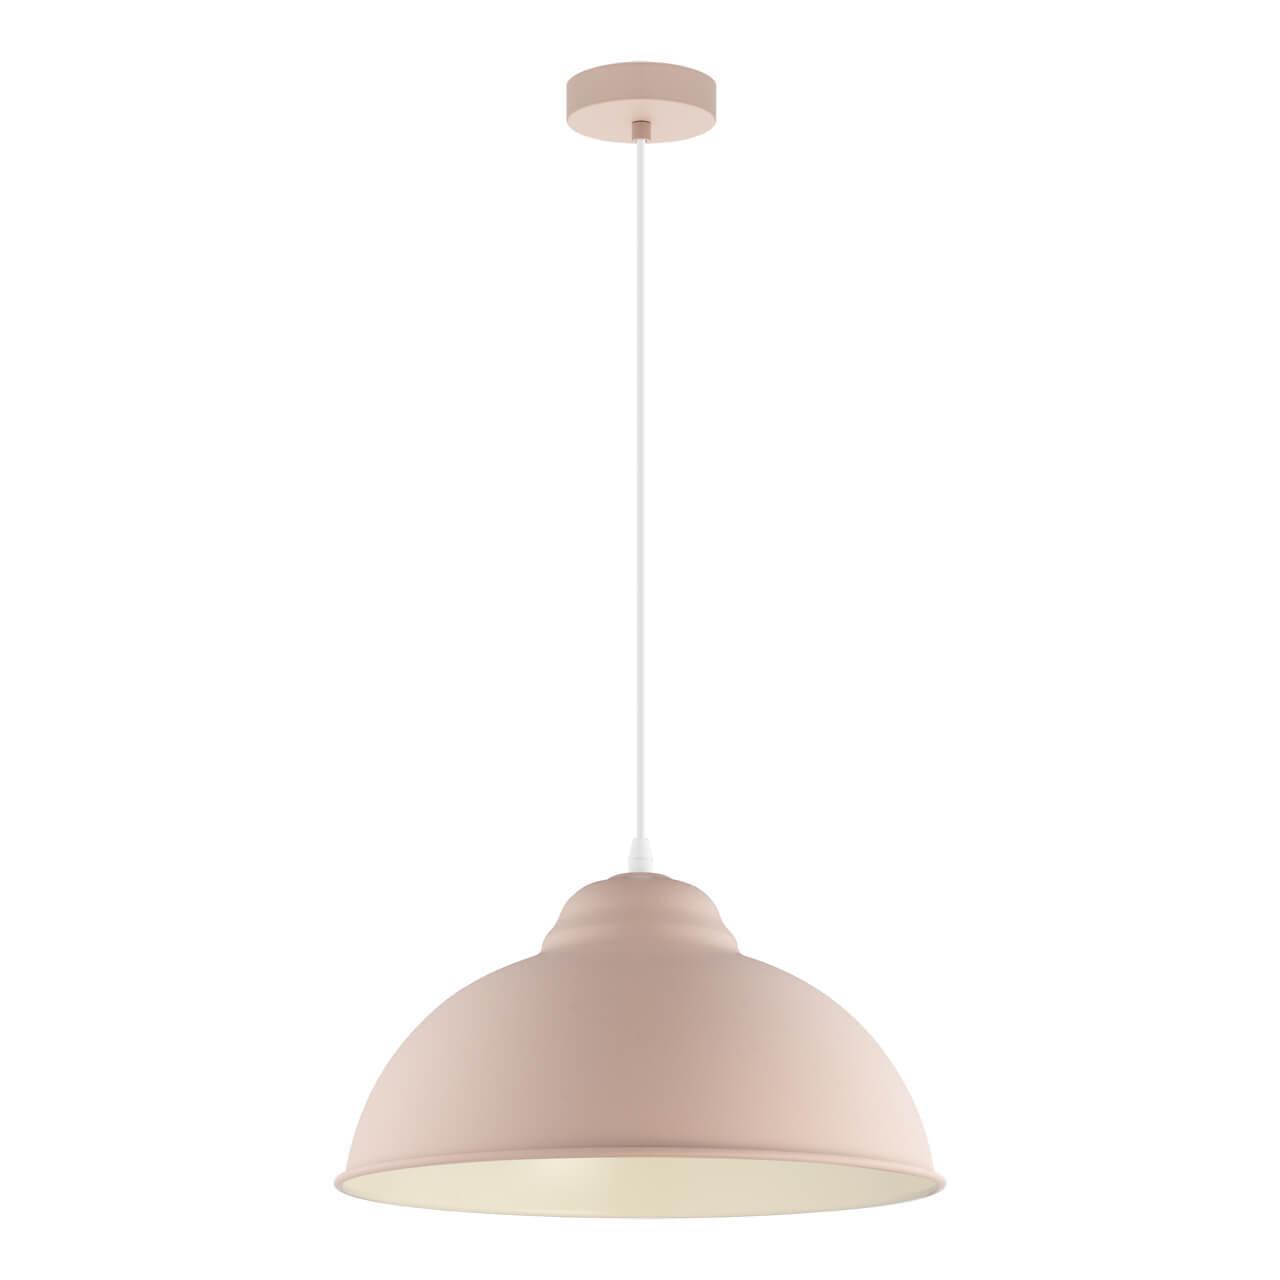 Подвесной светильник Eglo Truro-P 49058 подвесной светильник eglo truro 2 49389